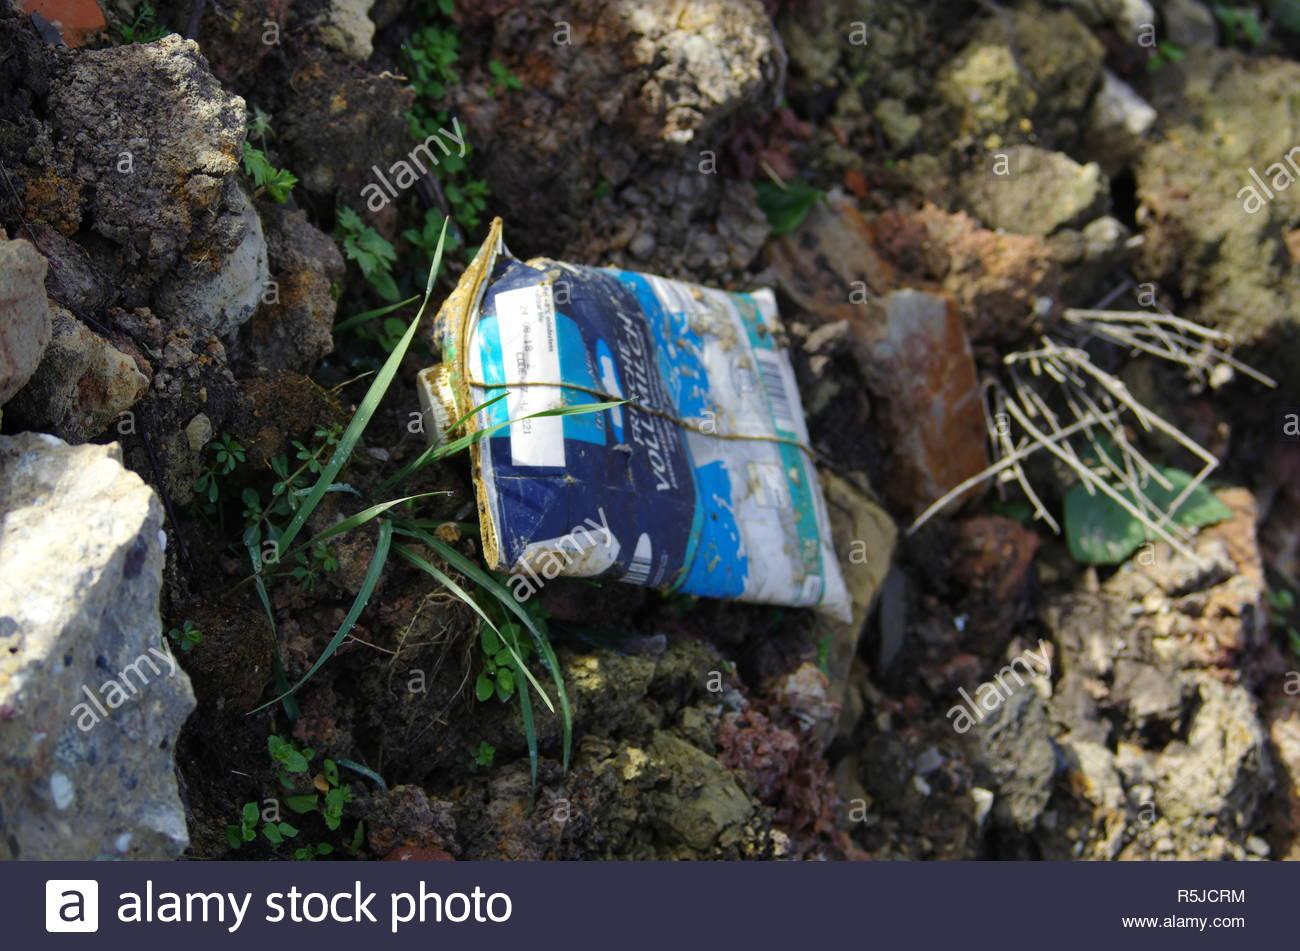 Il dimenticata garbage nel verde prato Immagini Stock